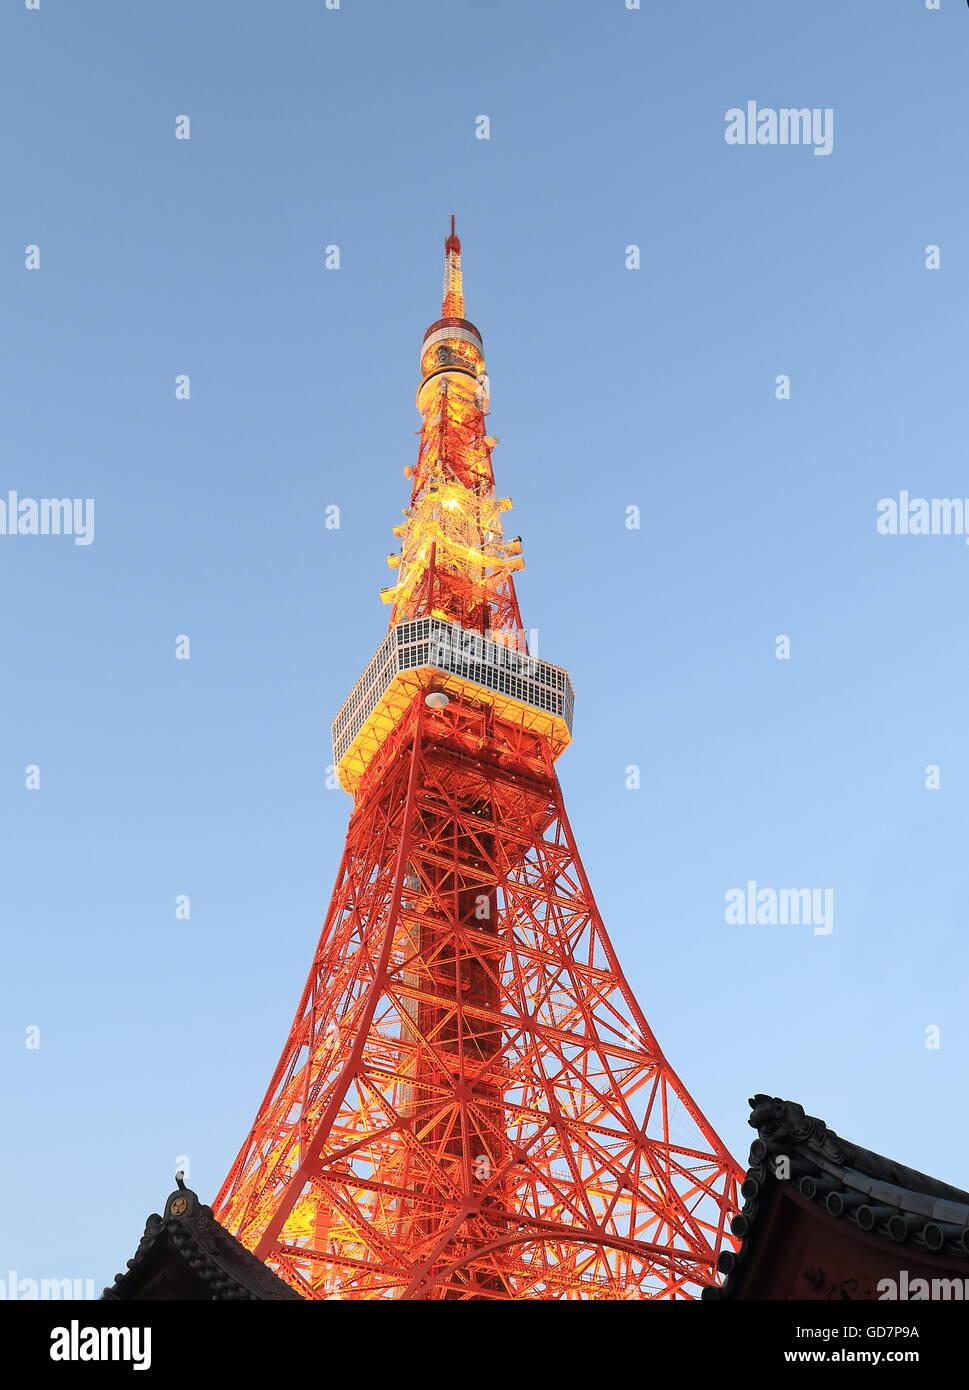 La Tour de Tokyo iconique au pavillon japonais kawara dans Tokyo Japon. Photo Stock